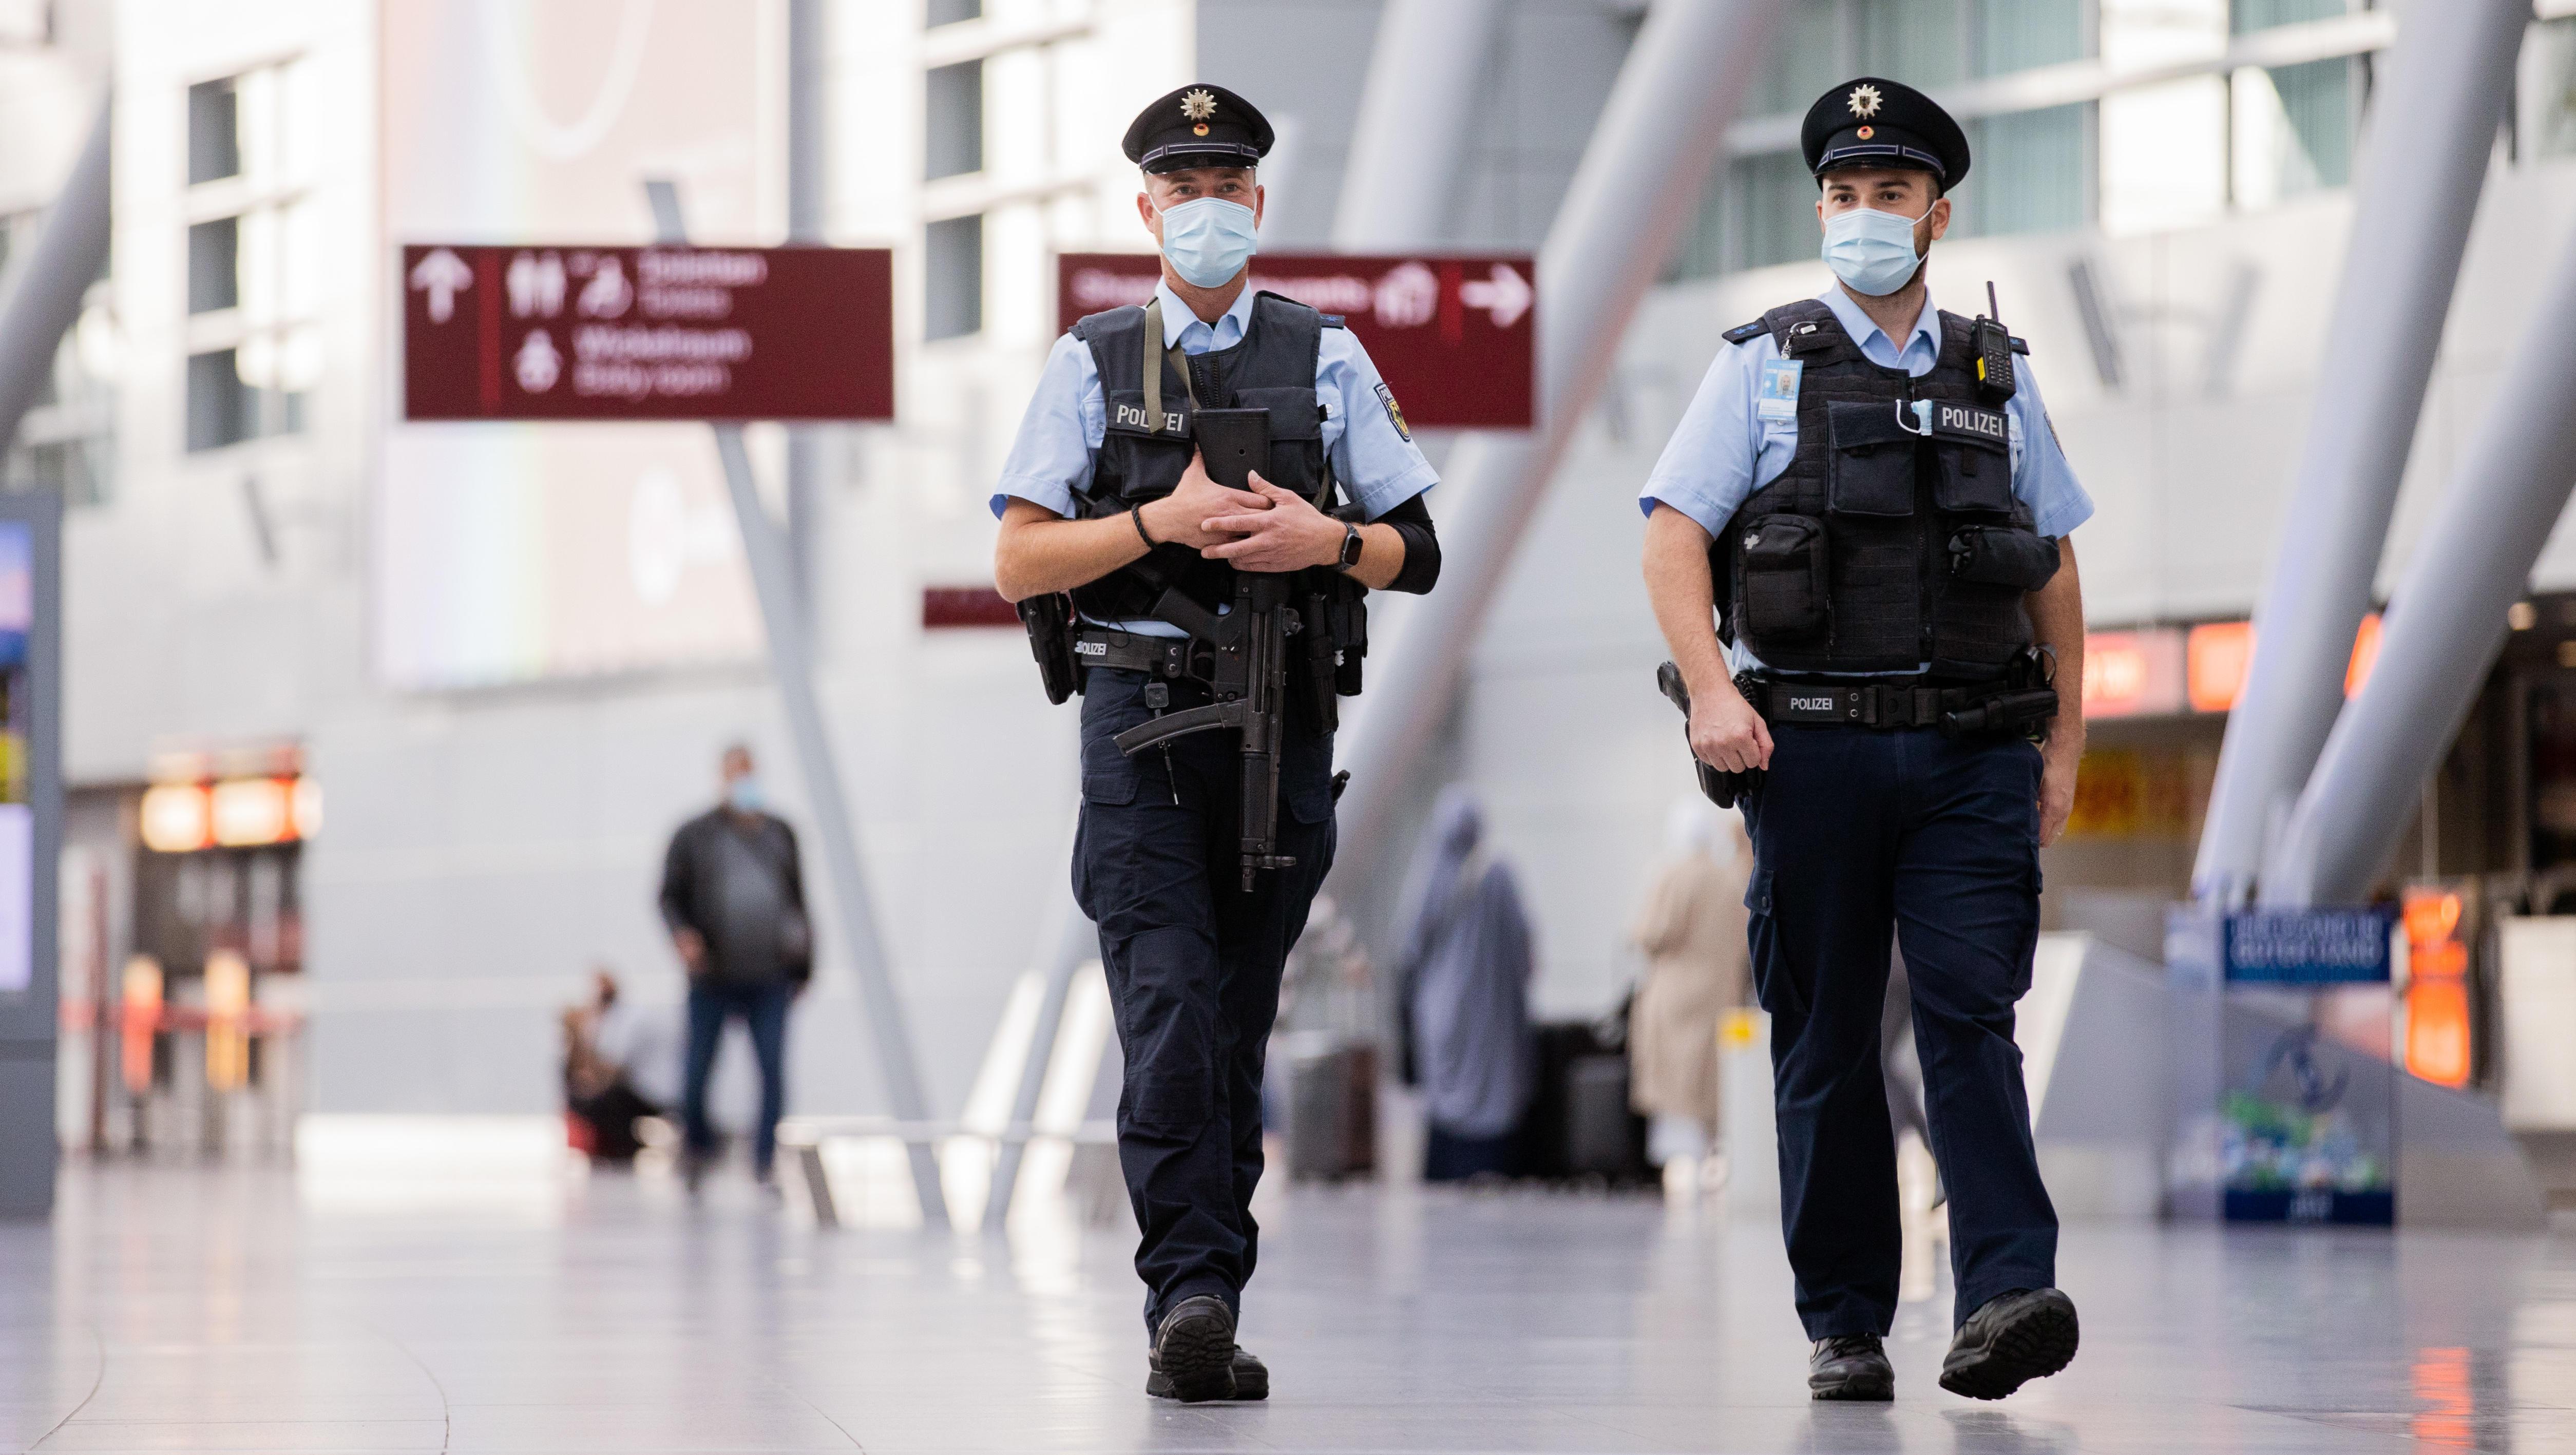 Verband: Wirtschaftliche Lage der Flughäfen spitzt sich zu